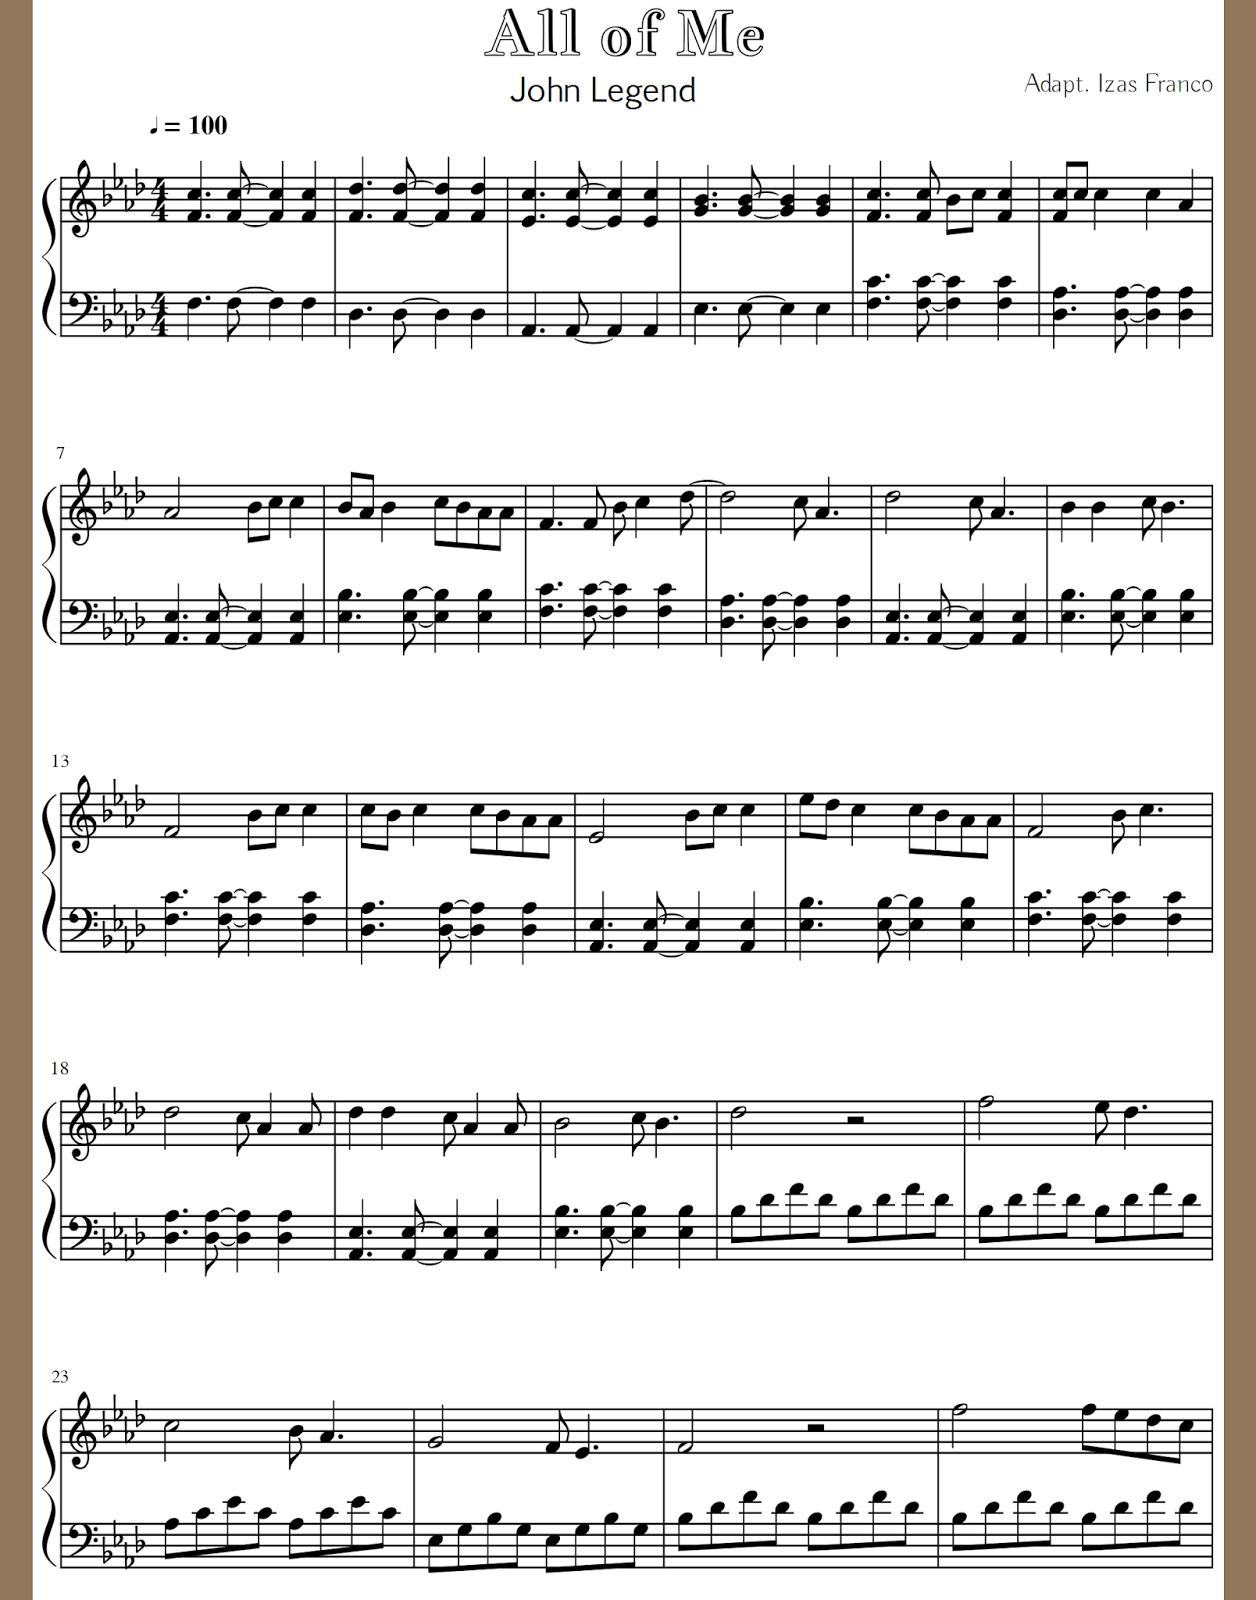 Descargas Libres De Láminas Partituras Canciones Juegos Cuentos Y Un Millón De Actividades E Ideas Para Las Clases De Mús Partituras Piano Partituras Piano